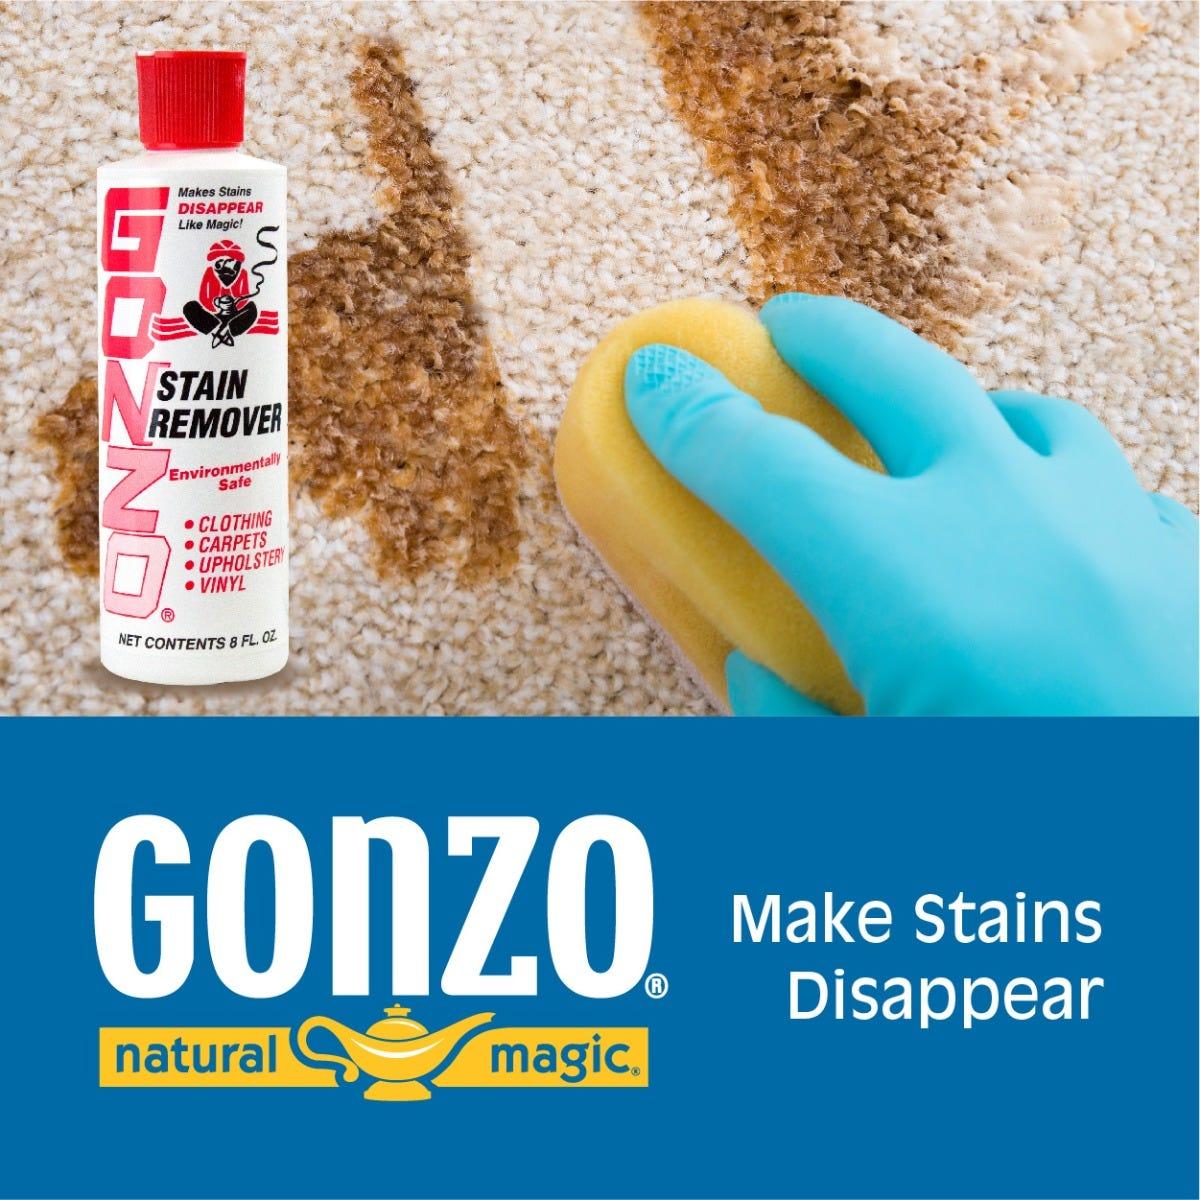 https://googone.com/media/catalog/product/g/o/gonzo_stain_remover_beauty.jpg